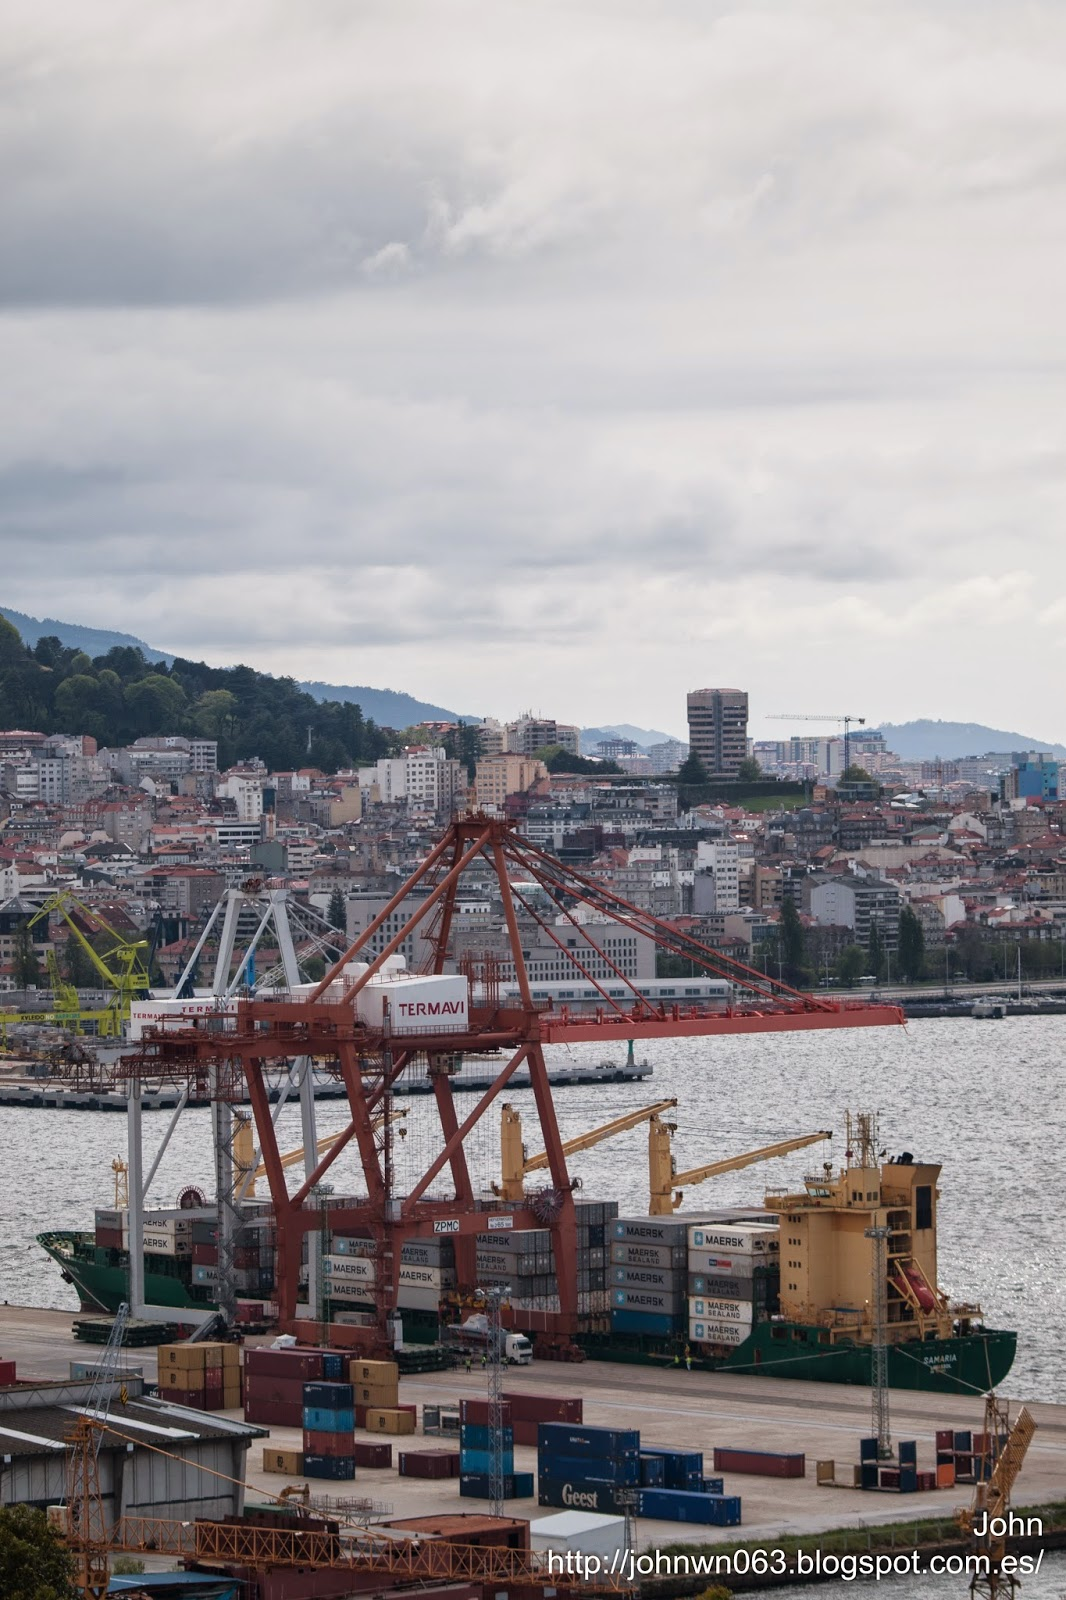 samaria, container ship, fotos de barcos, imagenes de barcos, vigo, portacontenedores